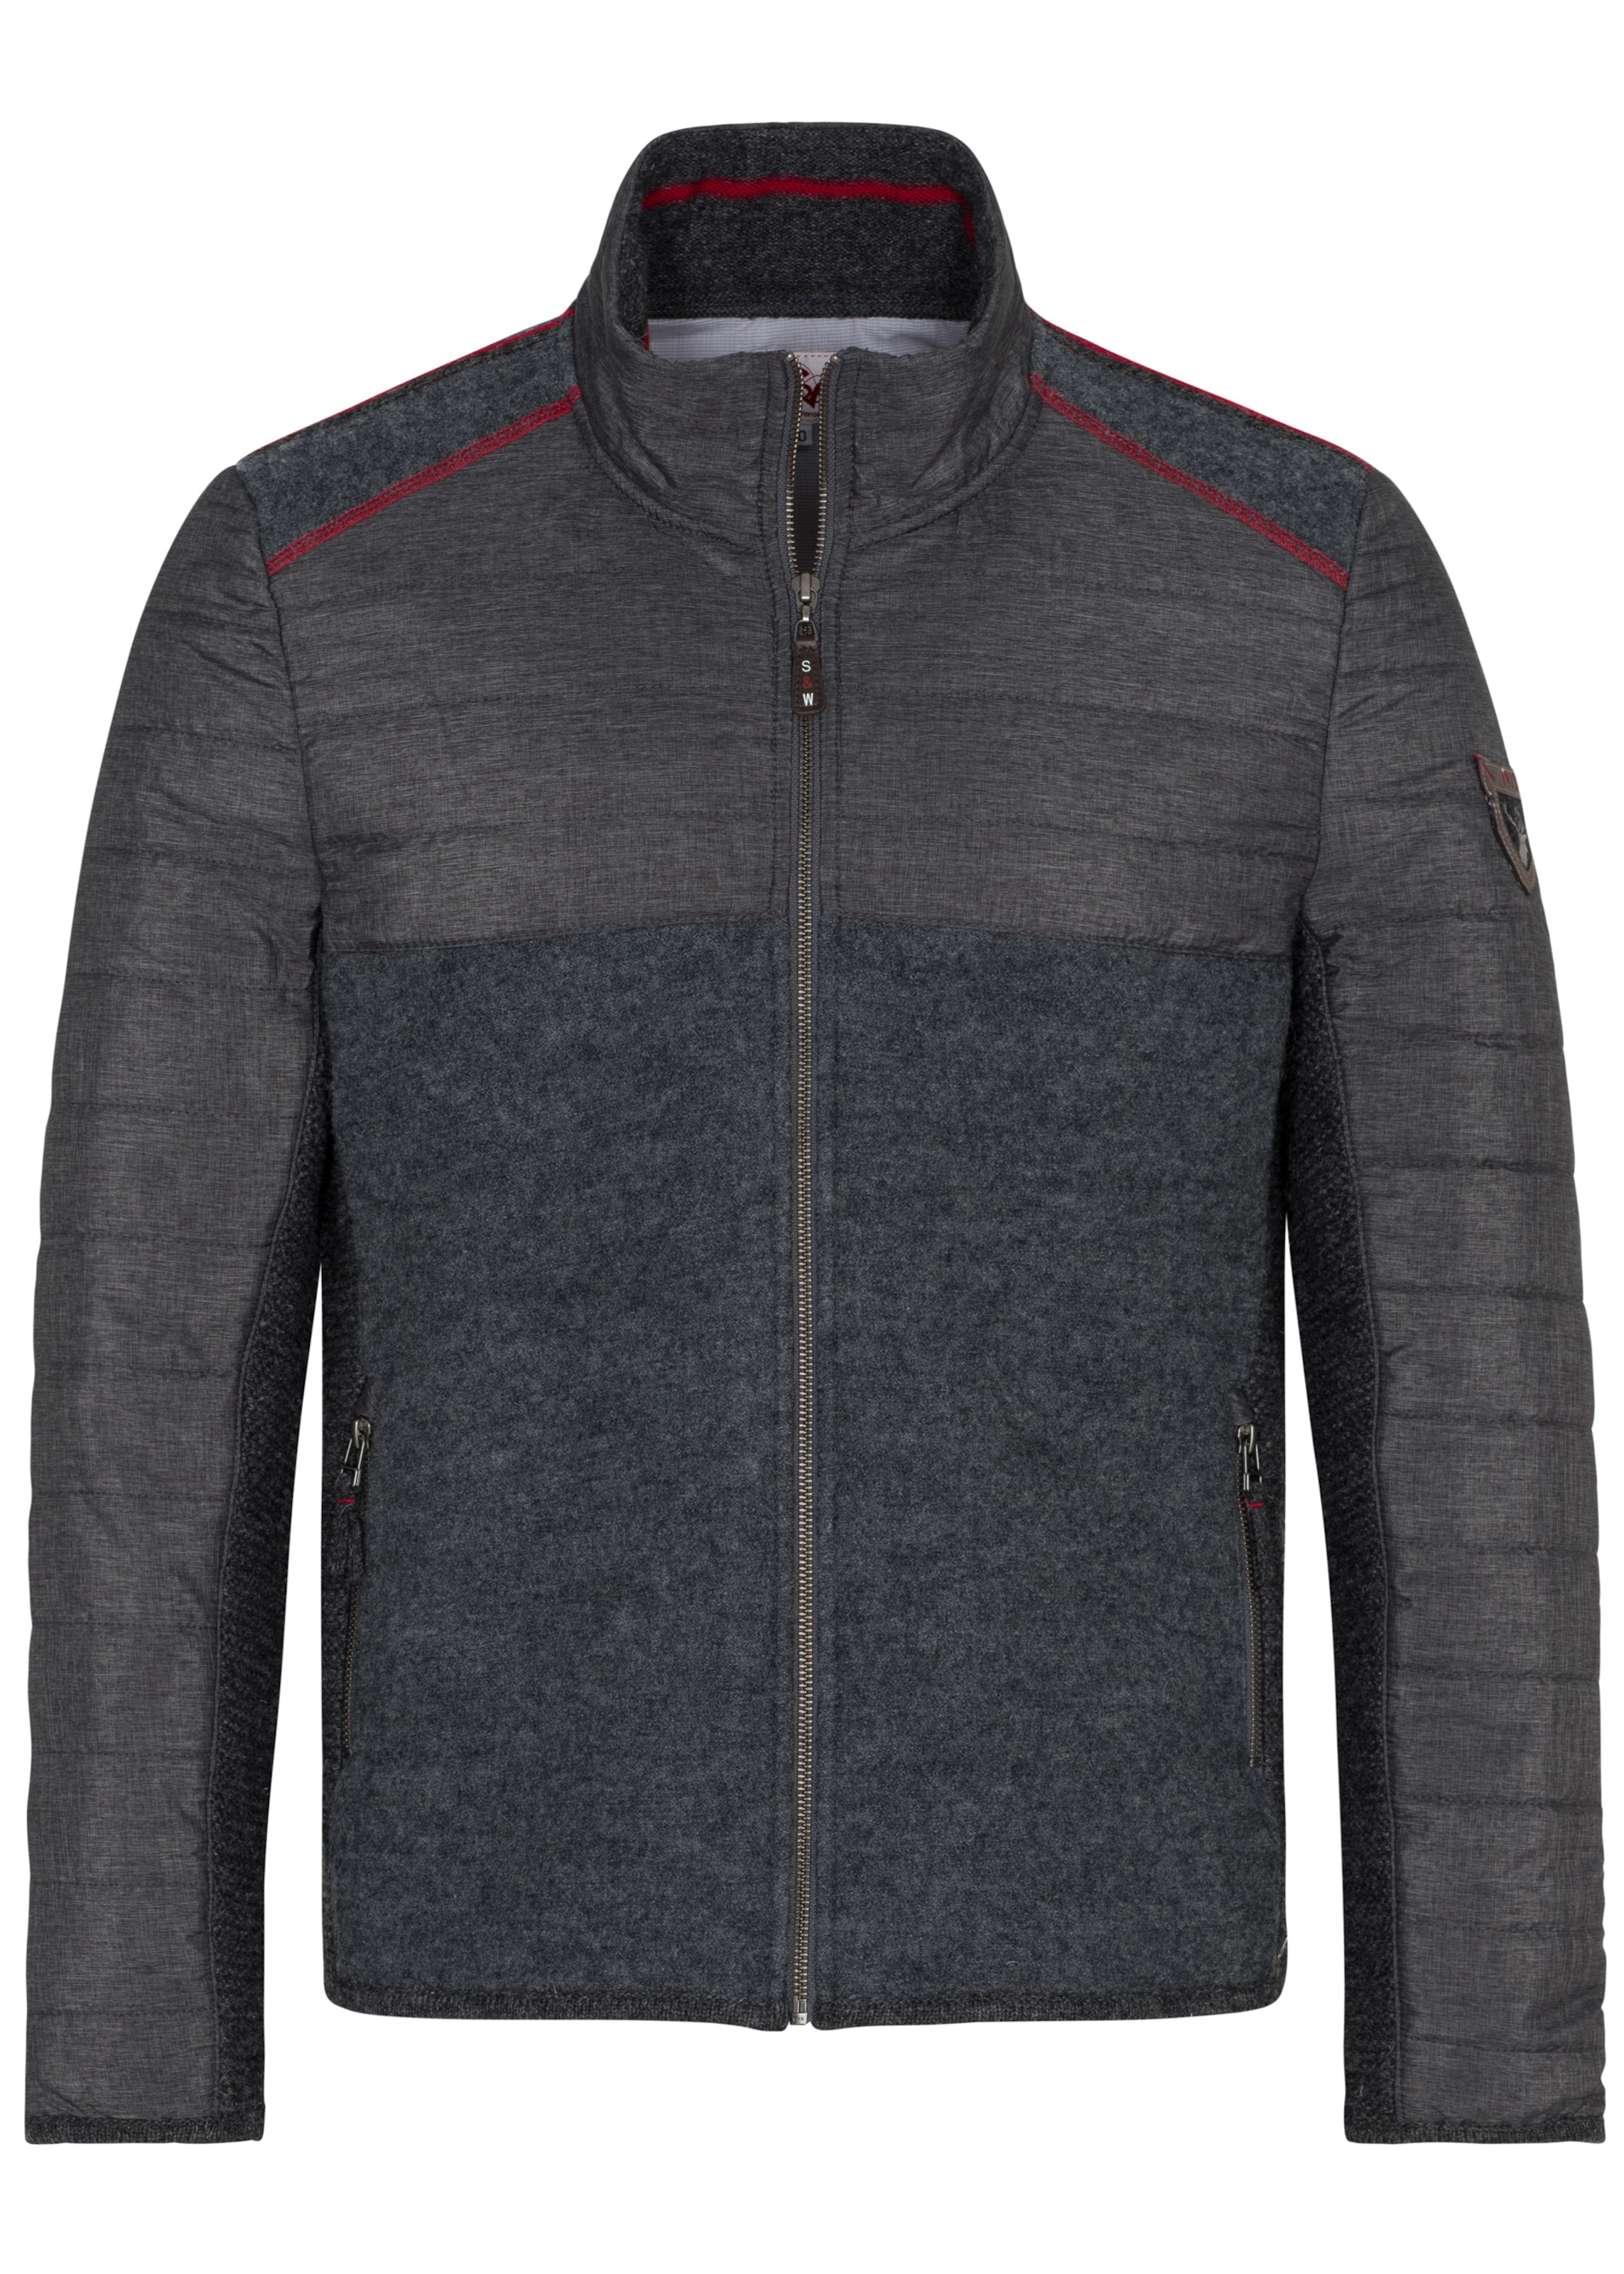 Herren SPIETH & WENSKY Jacke mit Reißverschluss grau | 04059829759299